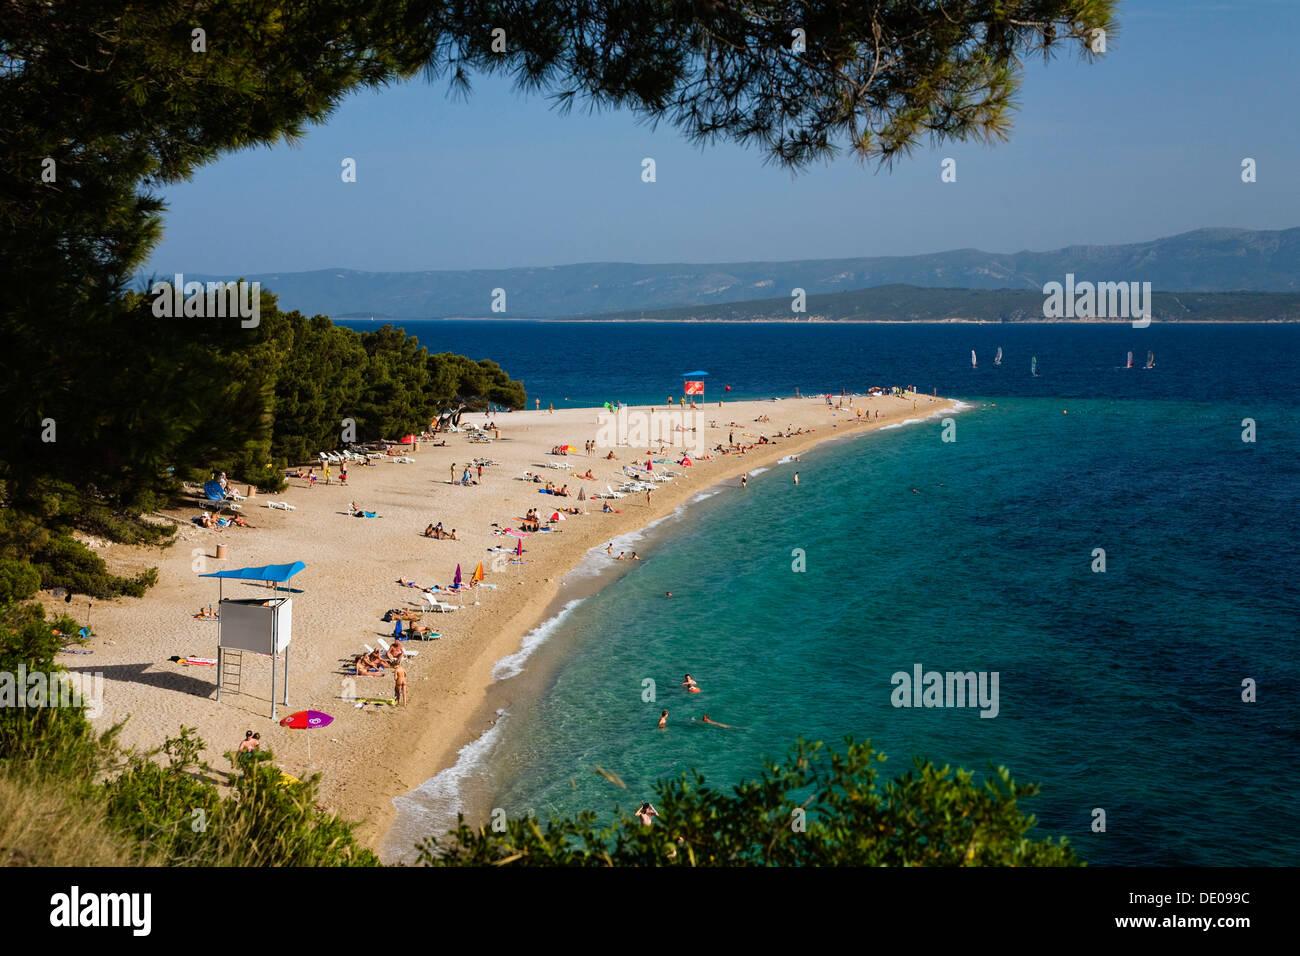 Plage de Zlatni Rat, Bol, Île de Brac, la Dalmatie, Croatie, Mer Adriatique, Mer Méditerranée, Europe Photo Stock